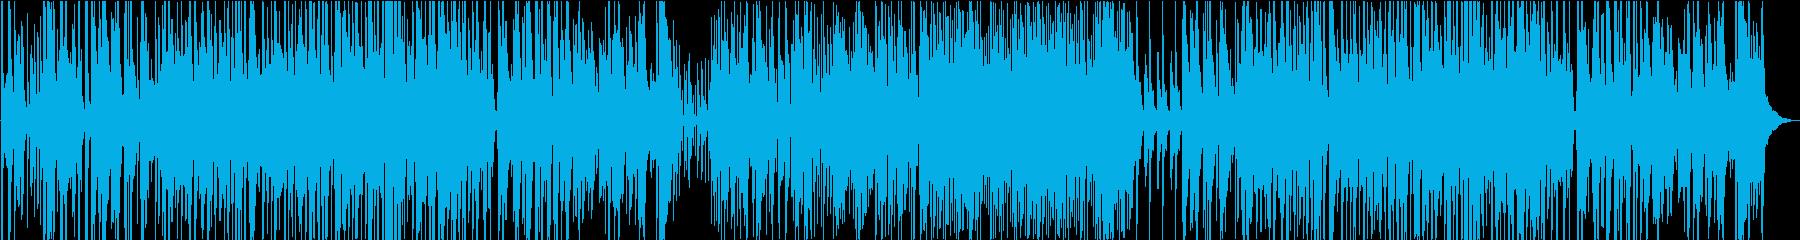 三拍子のオーソドックスジャズ の再生済みの波形